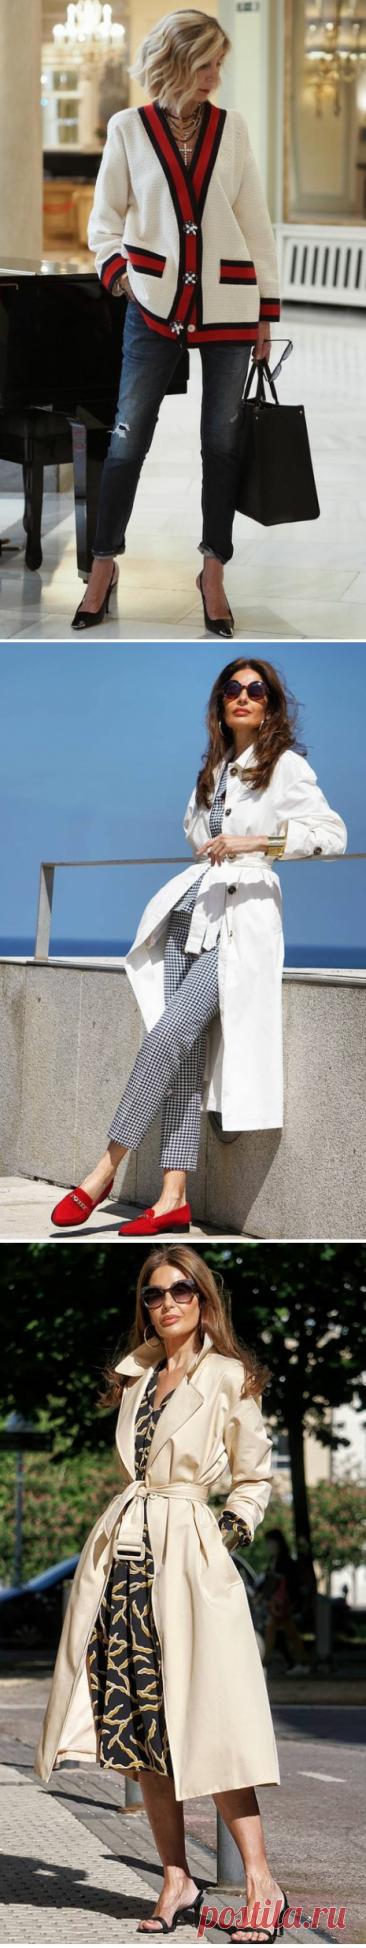 Шесть вещей гардероба, которые носят женщины с хорошим вкусом, потому что хотят выглядеть дорого и статусно | PUDRA.fashion | Яндекс Дзен